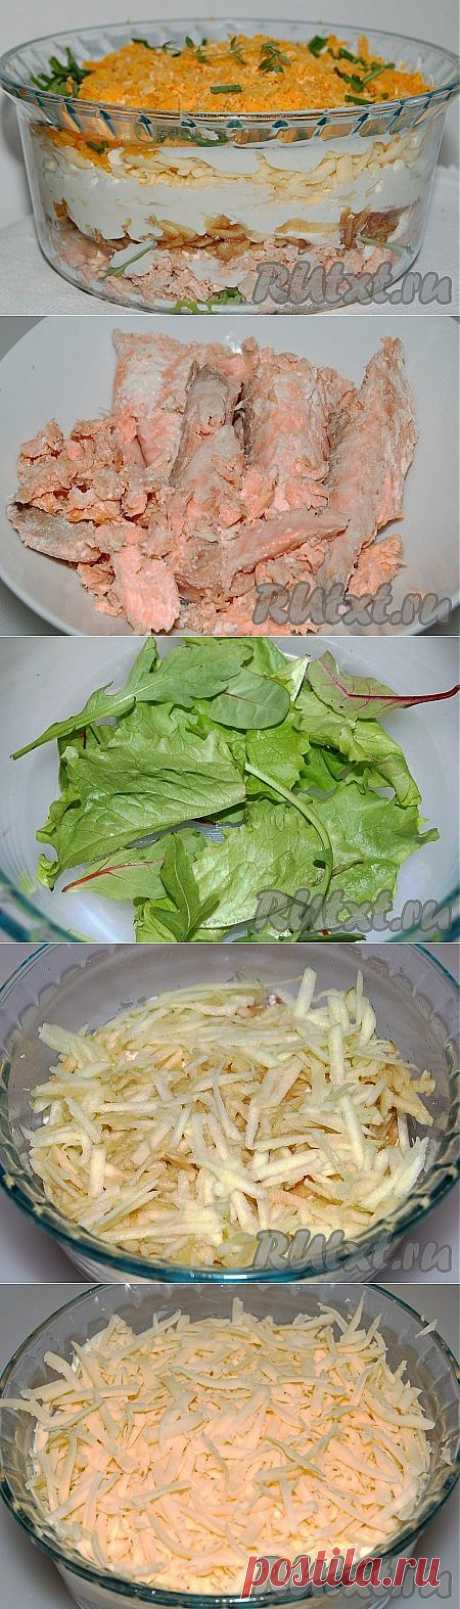 Рецепт салата министерского (рецепт с фото)   RUtxt.ru